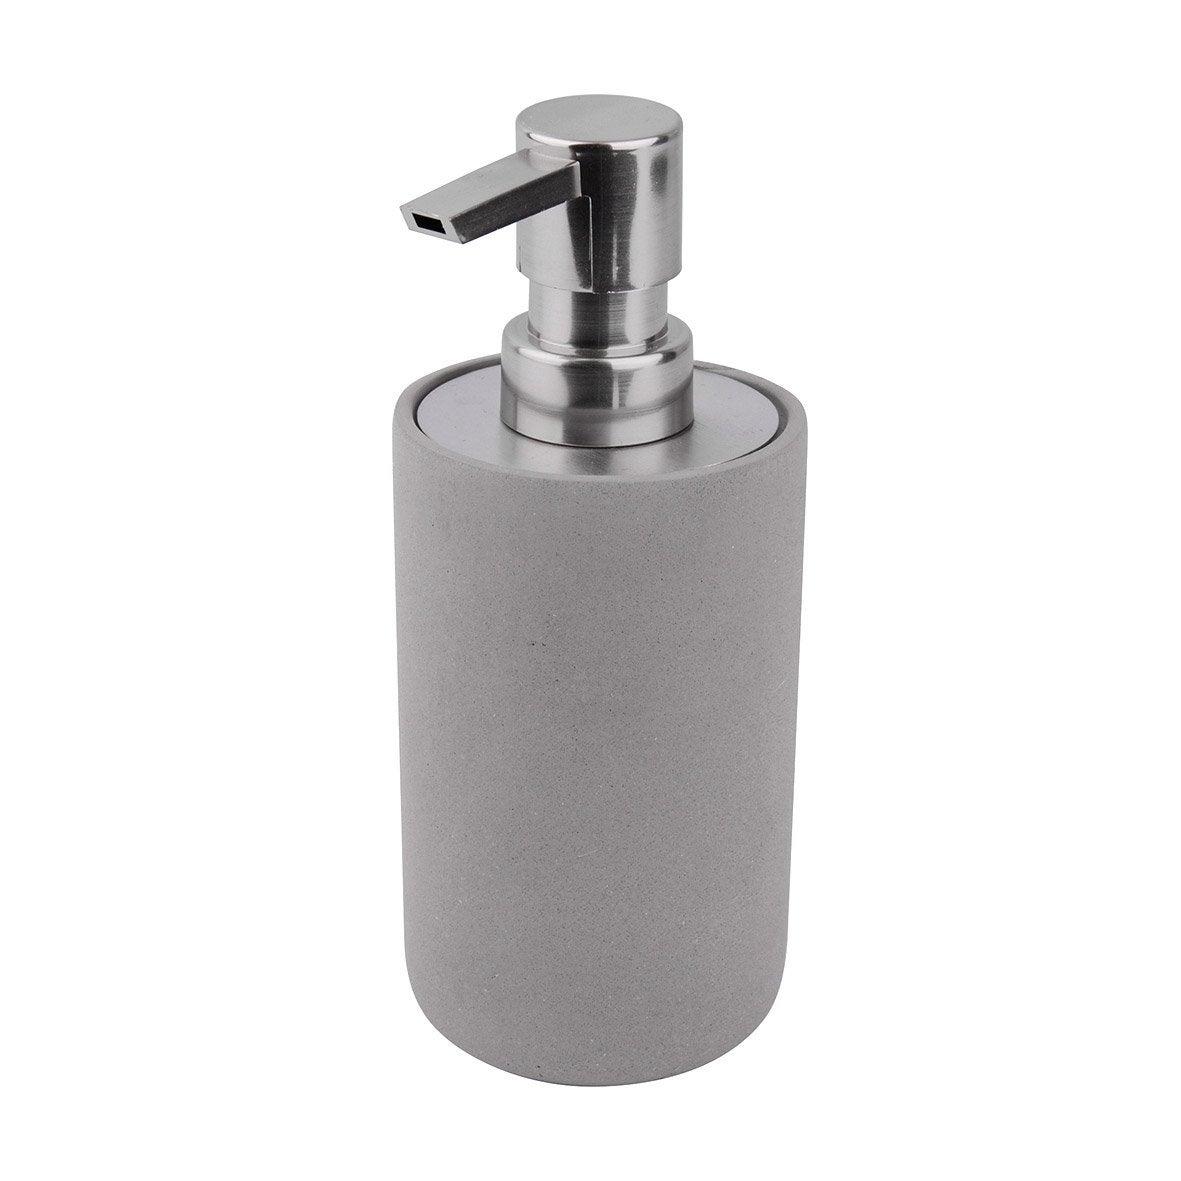 Distributeur de savon béton Apollon, gris clair